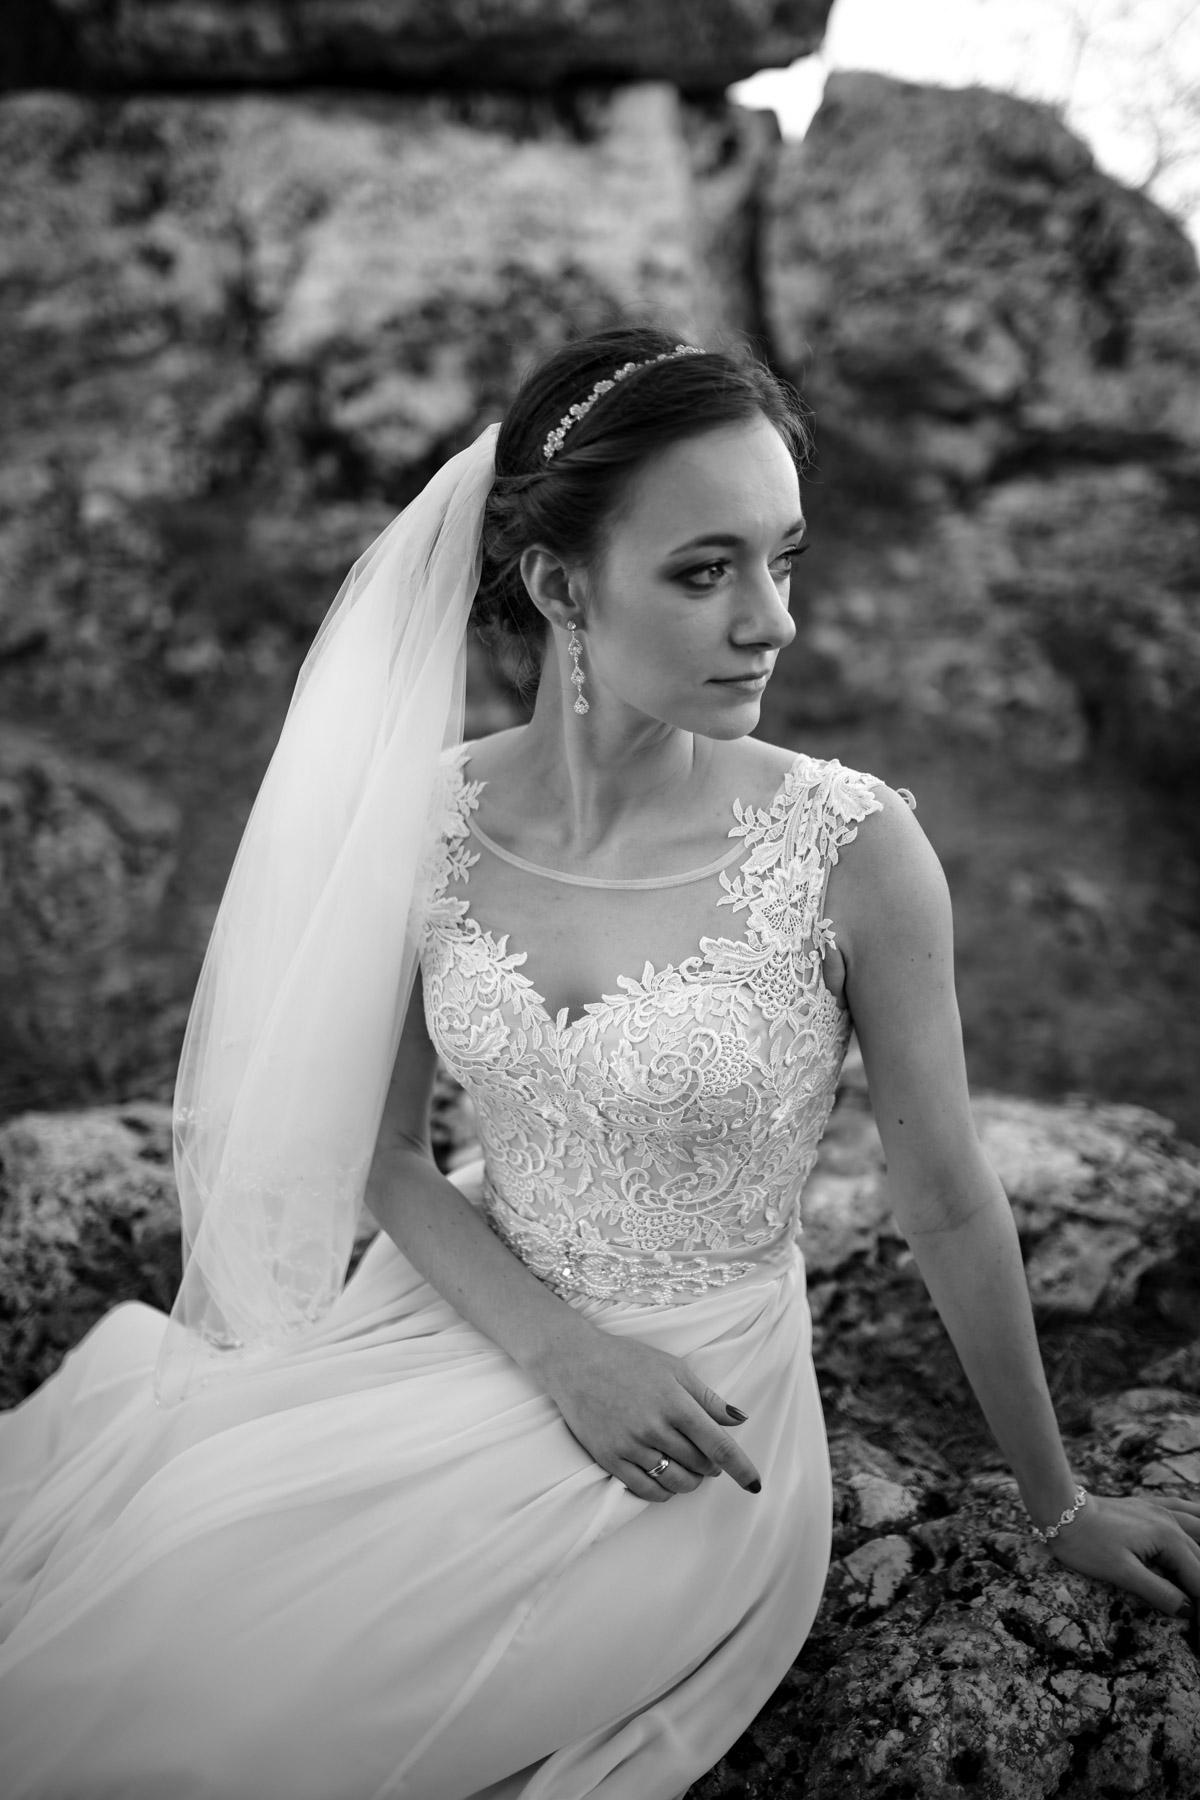 fotograf-ślubny-gora-zborow-jura-krakowsko-czestochowska-zdjecie-15